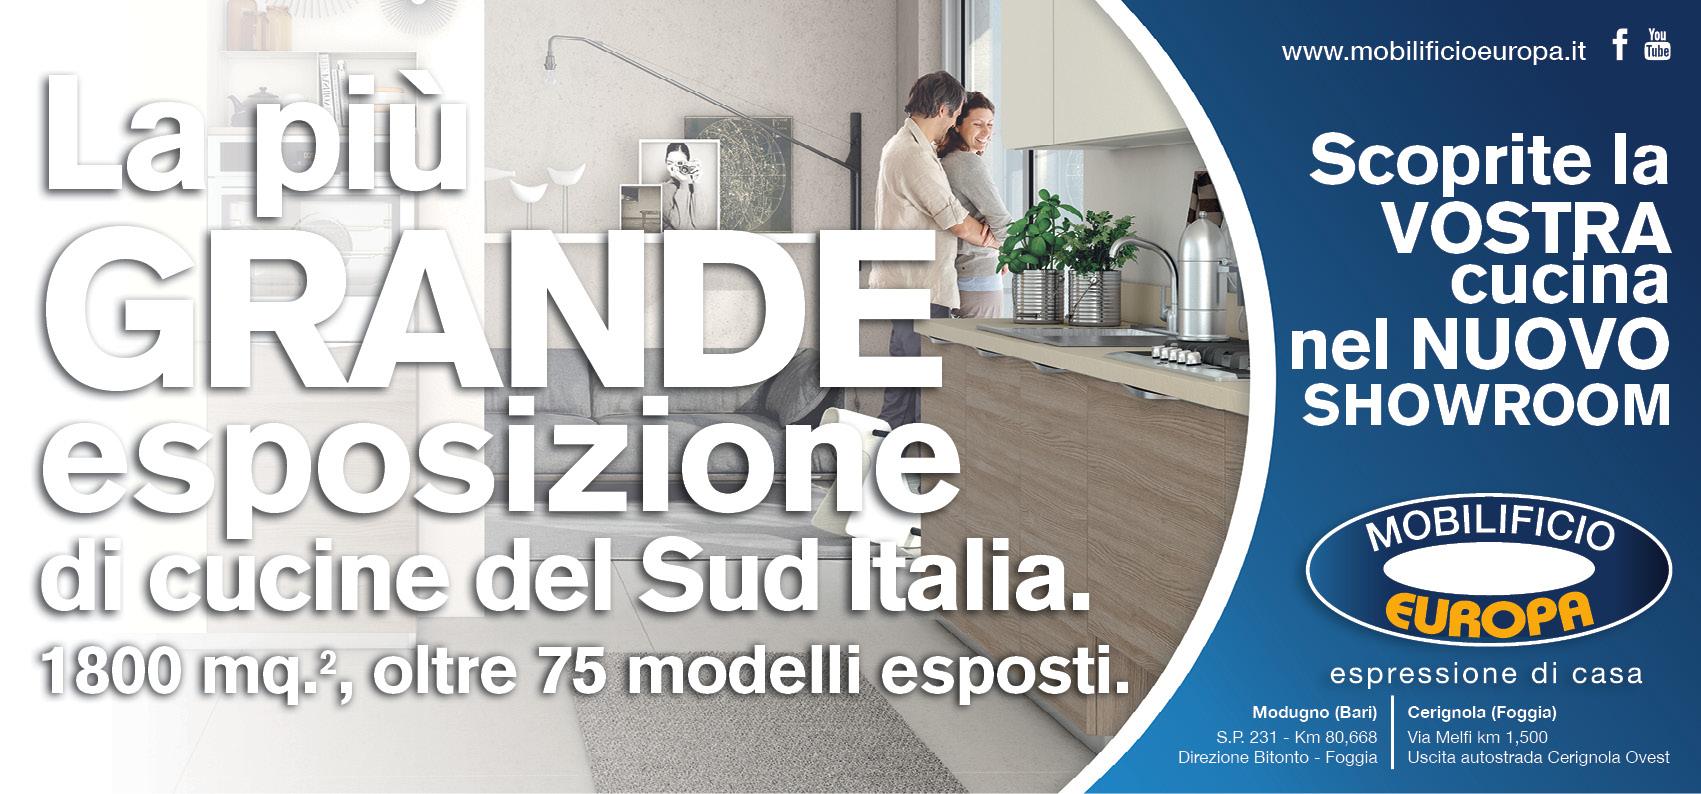 Mobilificio Europa arredamento mobili outlet a Bari e Cerignola